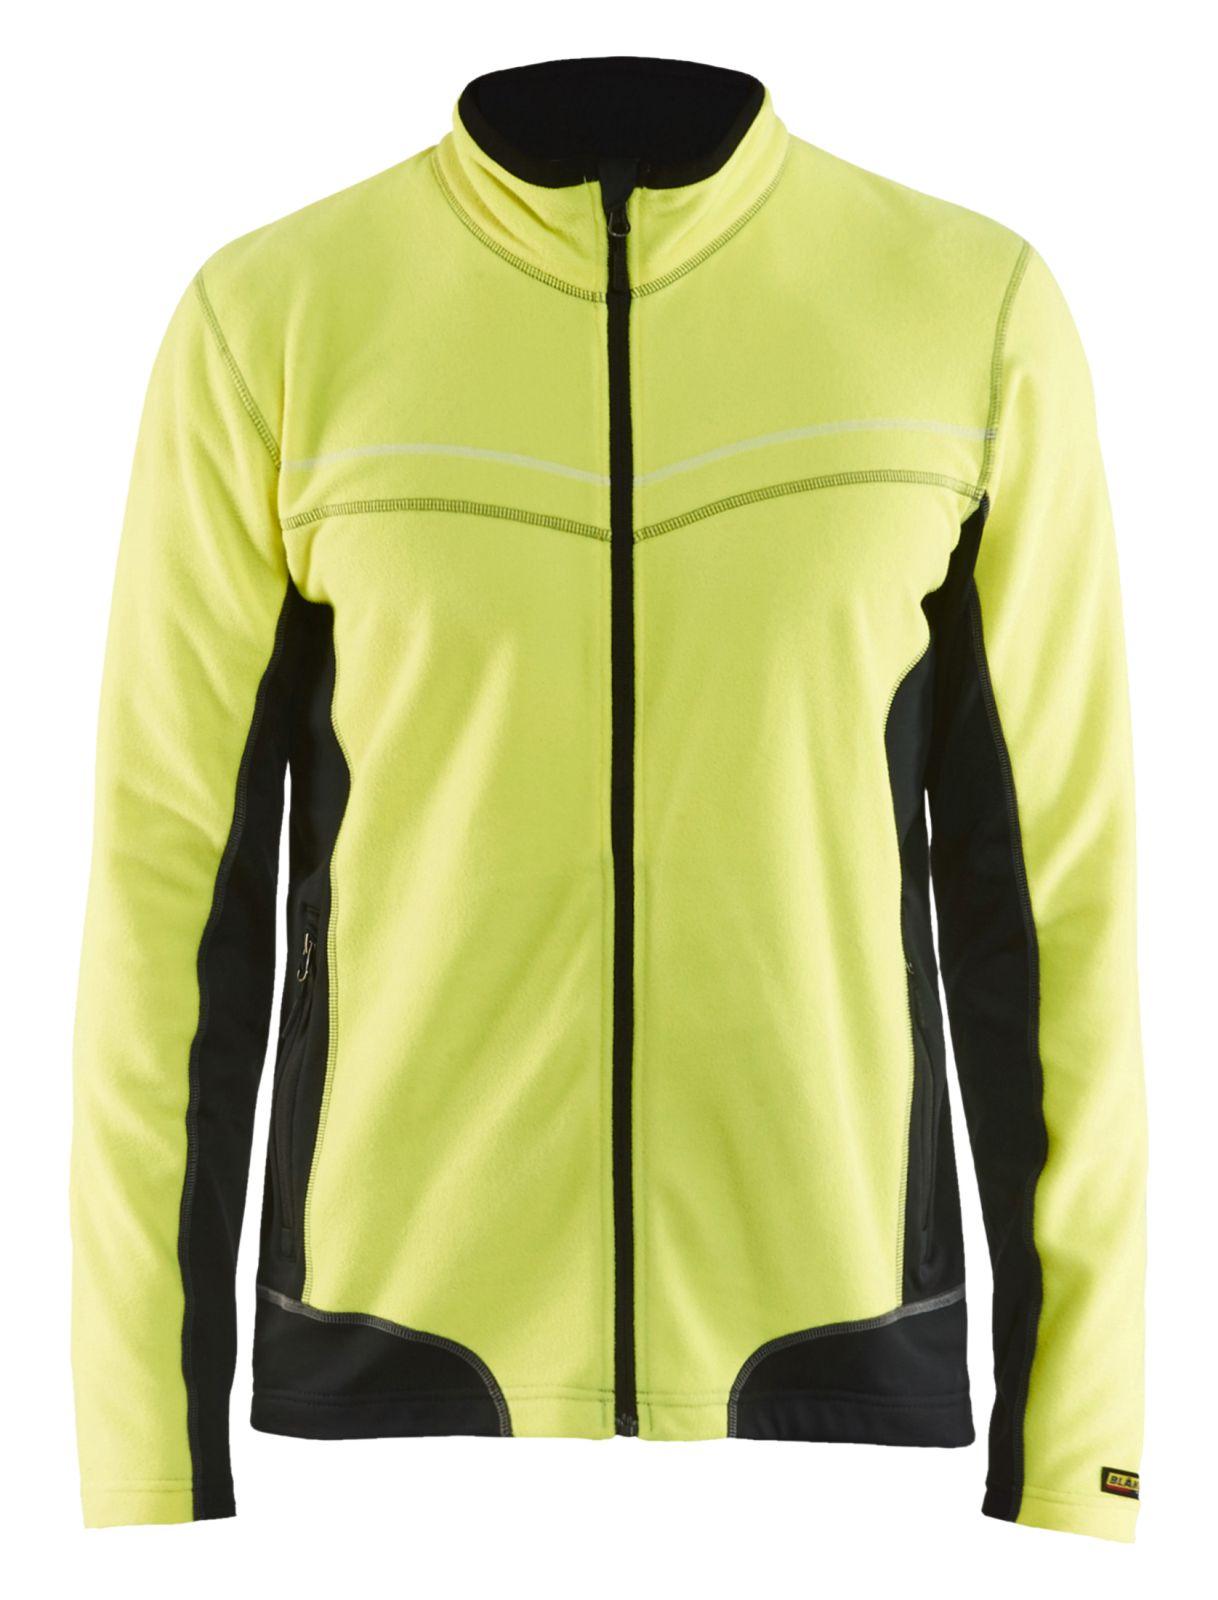 Blaklader Fleece vesten 49971010 geel-zwart(3399)